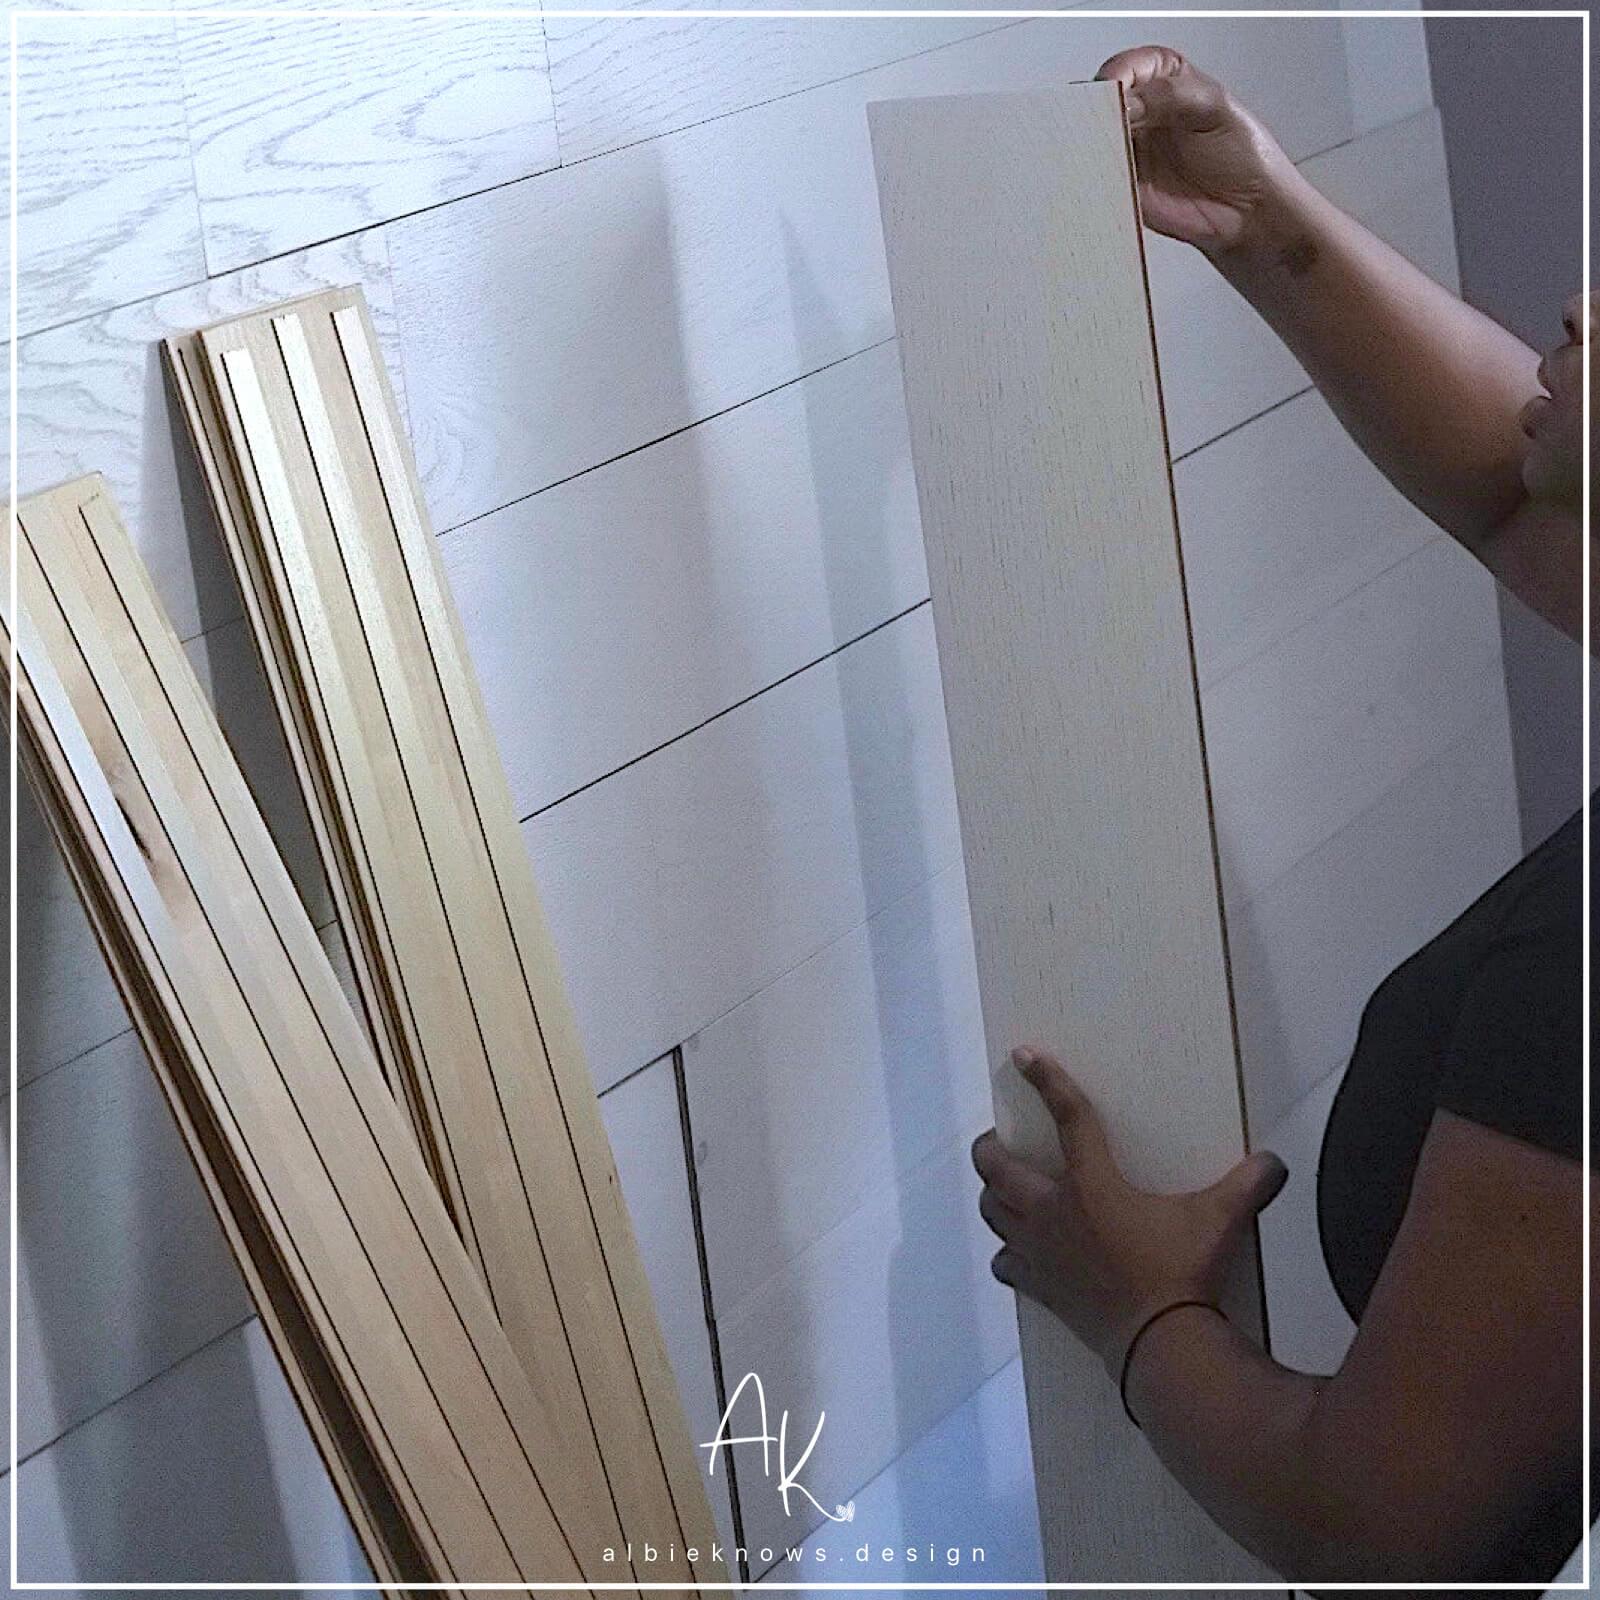 Albie Knows Wallplanks Installation